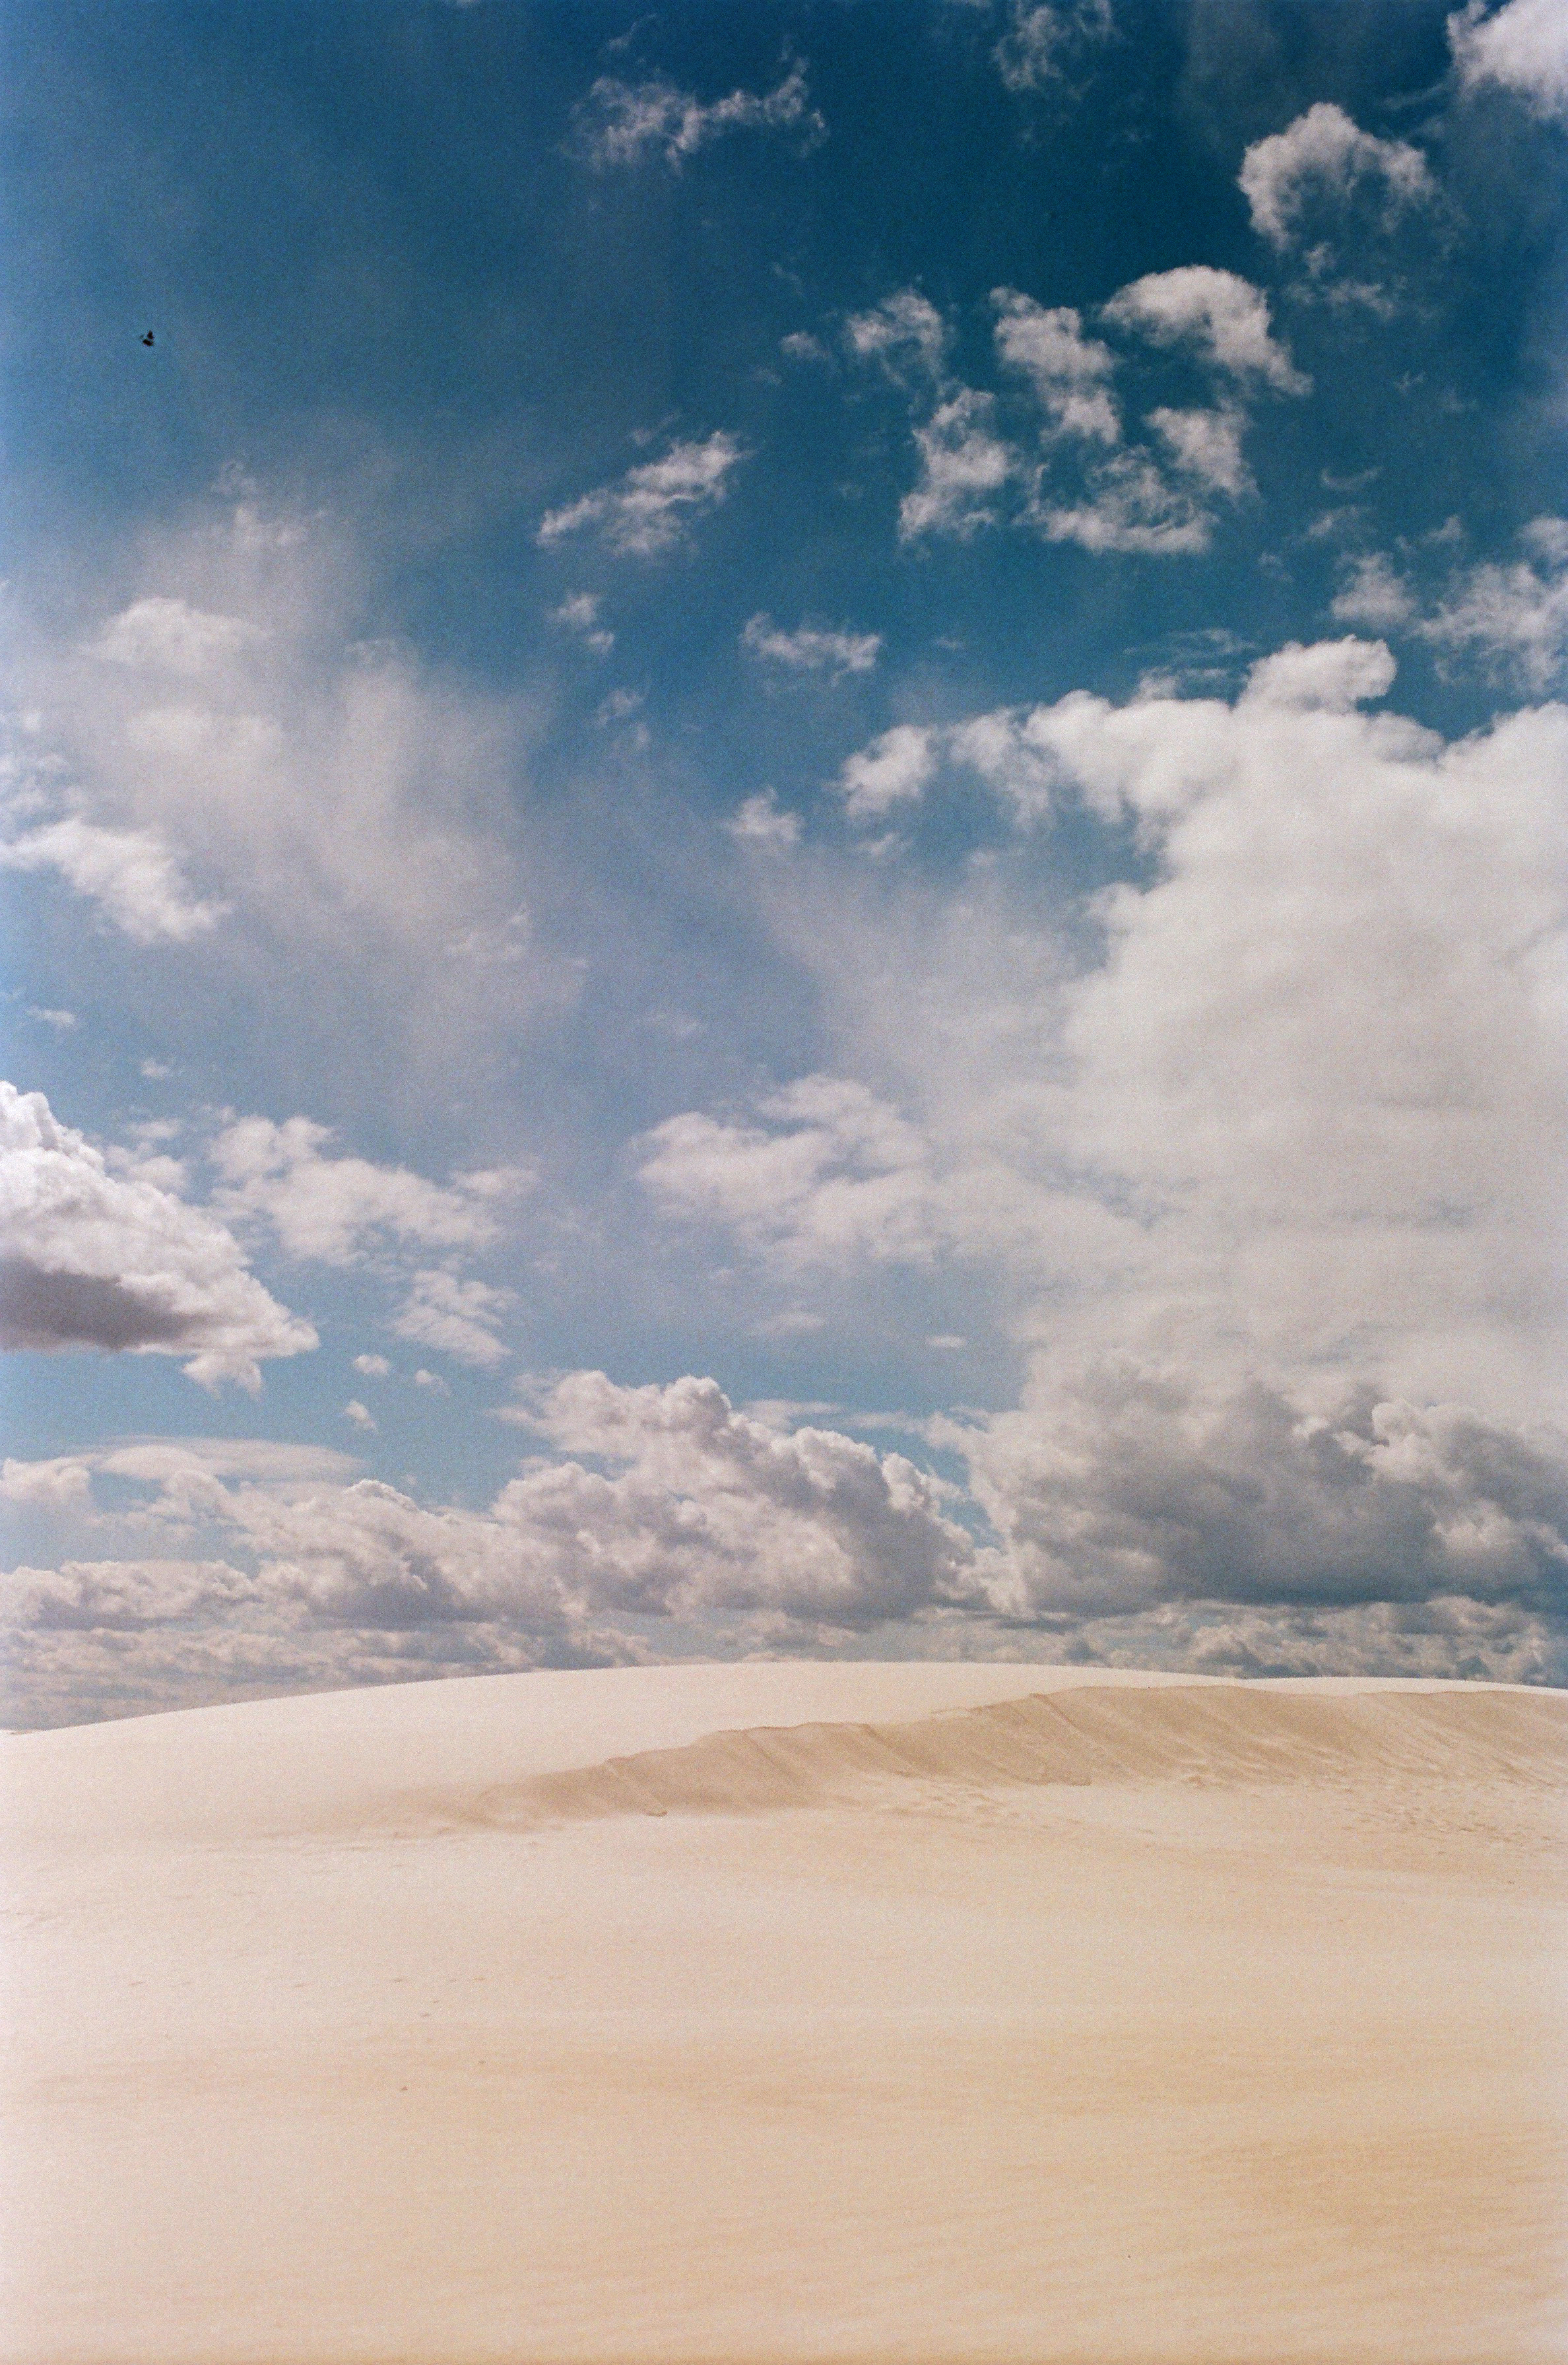 04 - White Sands.JPG